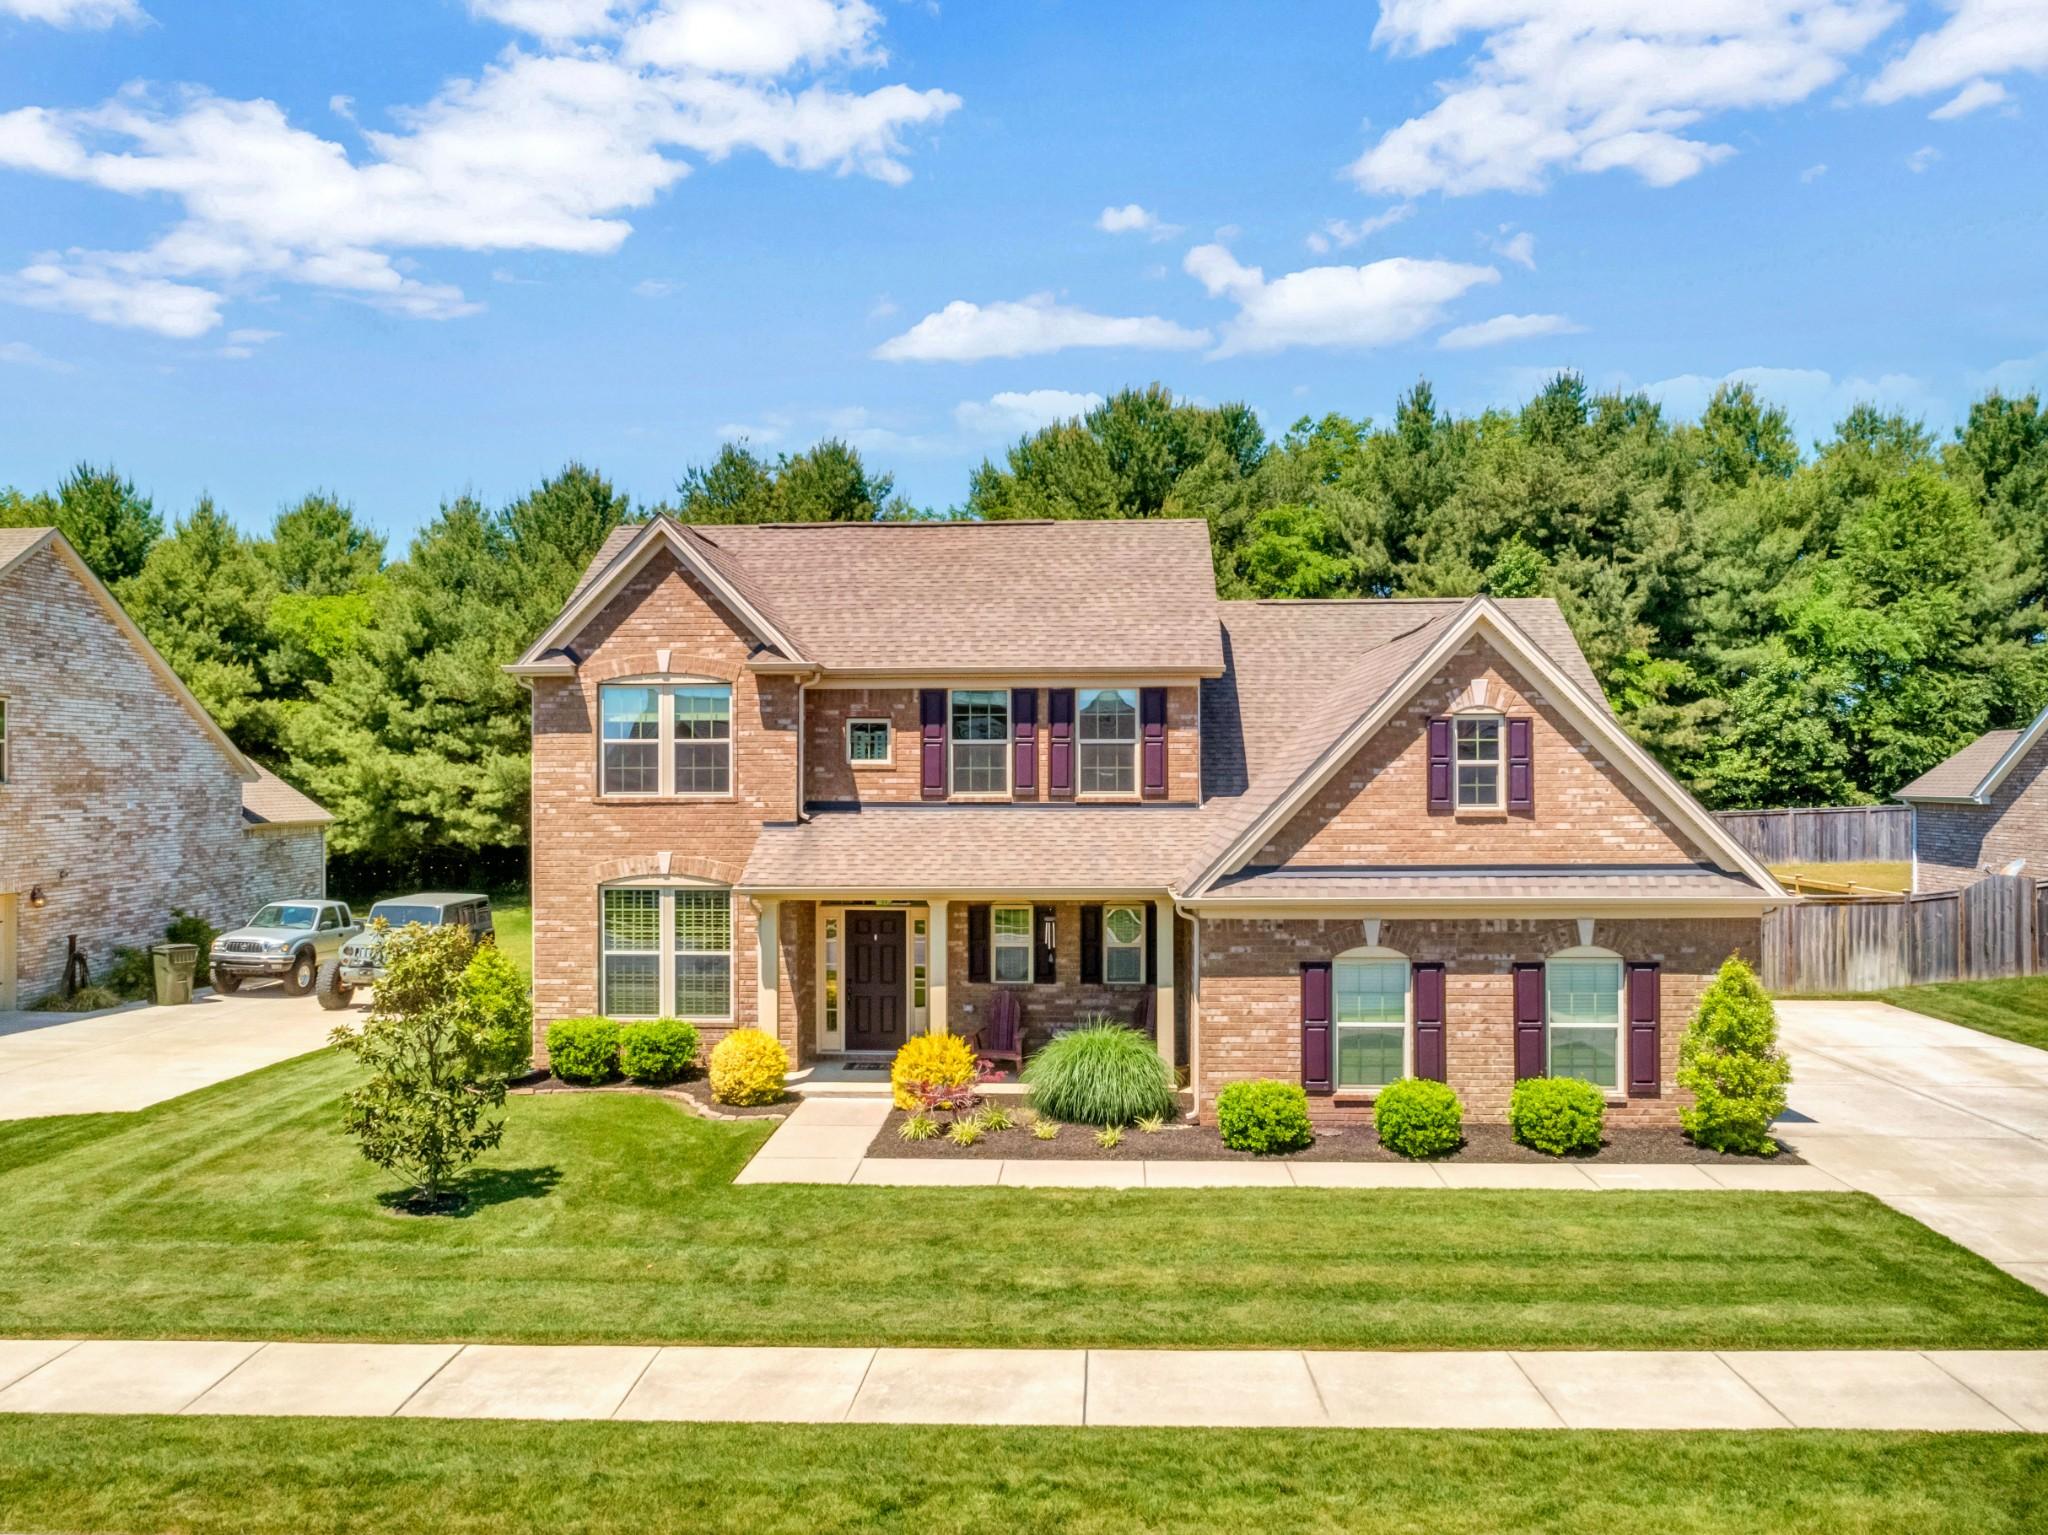 609 Goodman Dr Property Photo